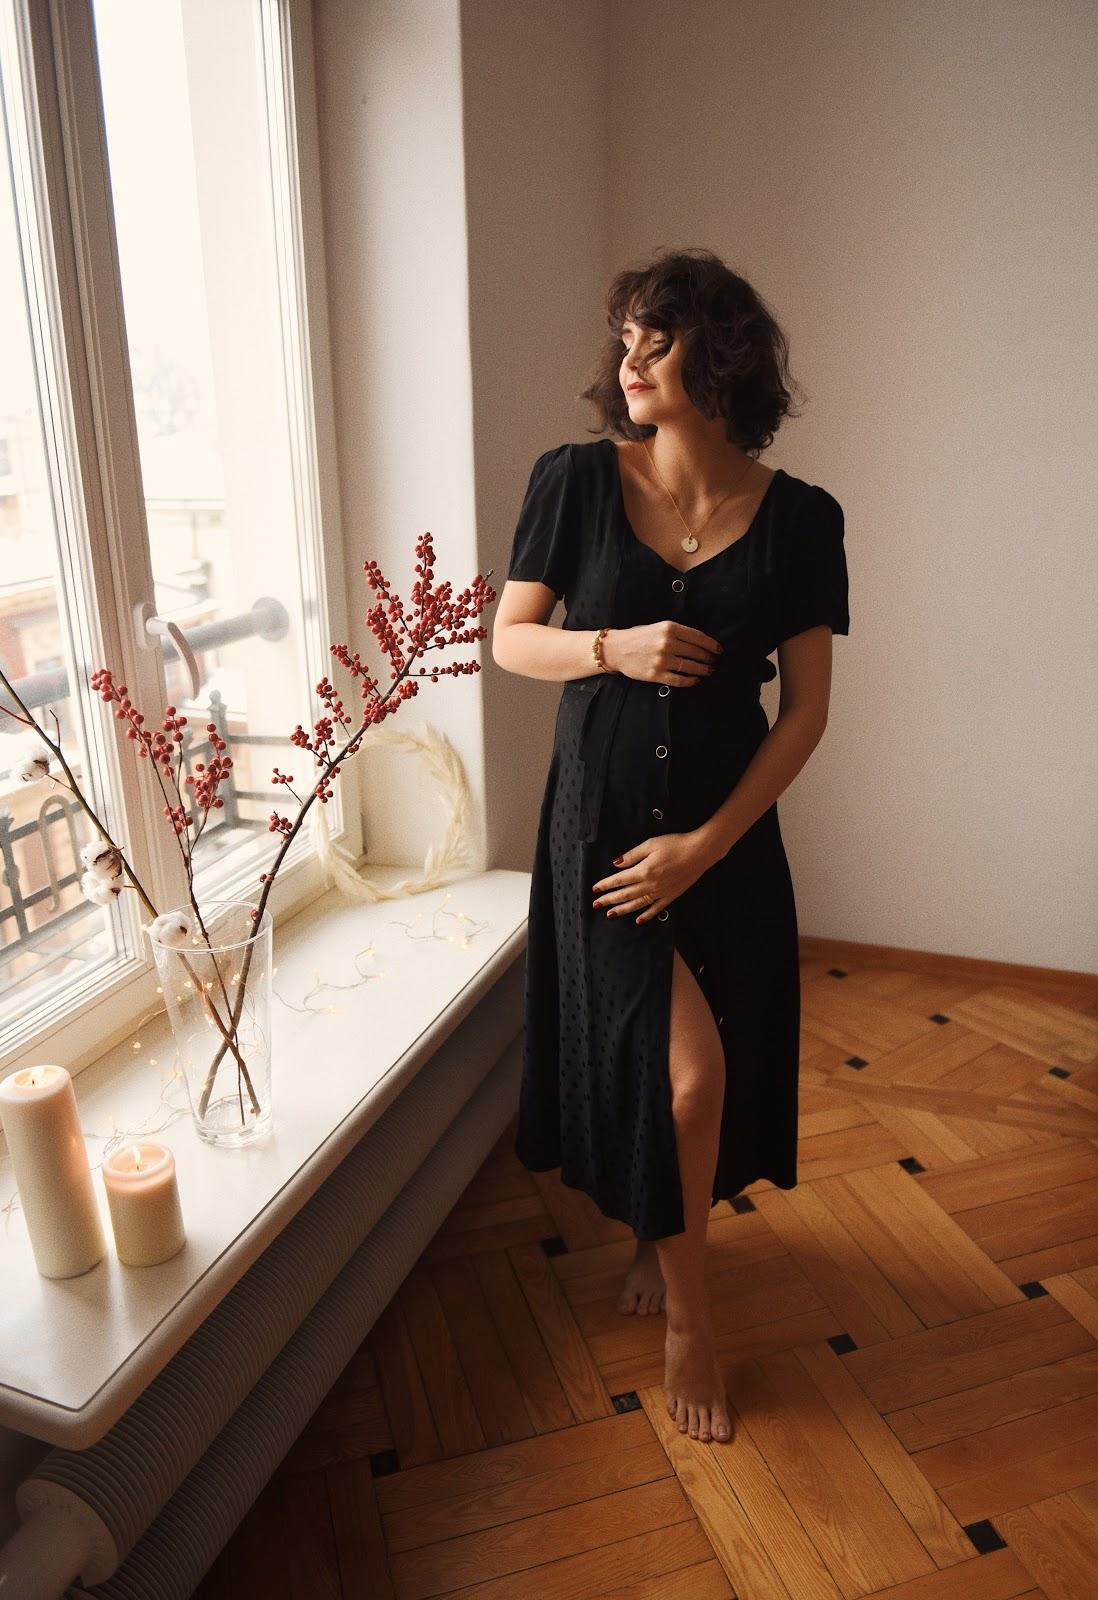 cammy-swiateczna-sukienka7.JPG